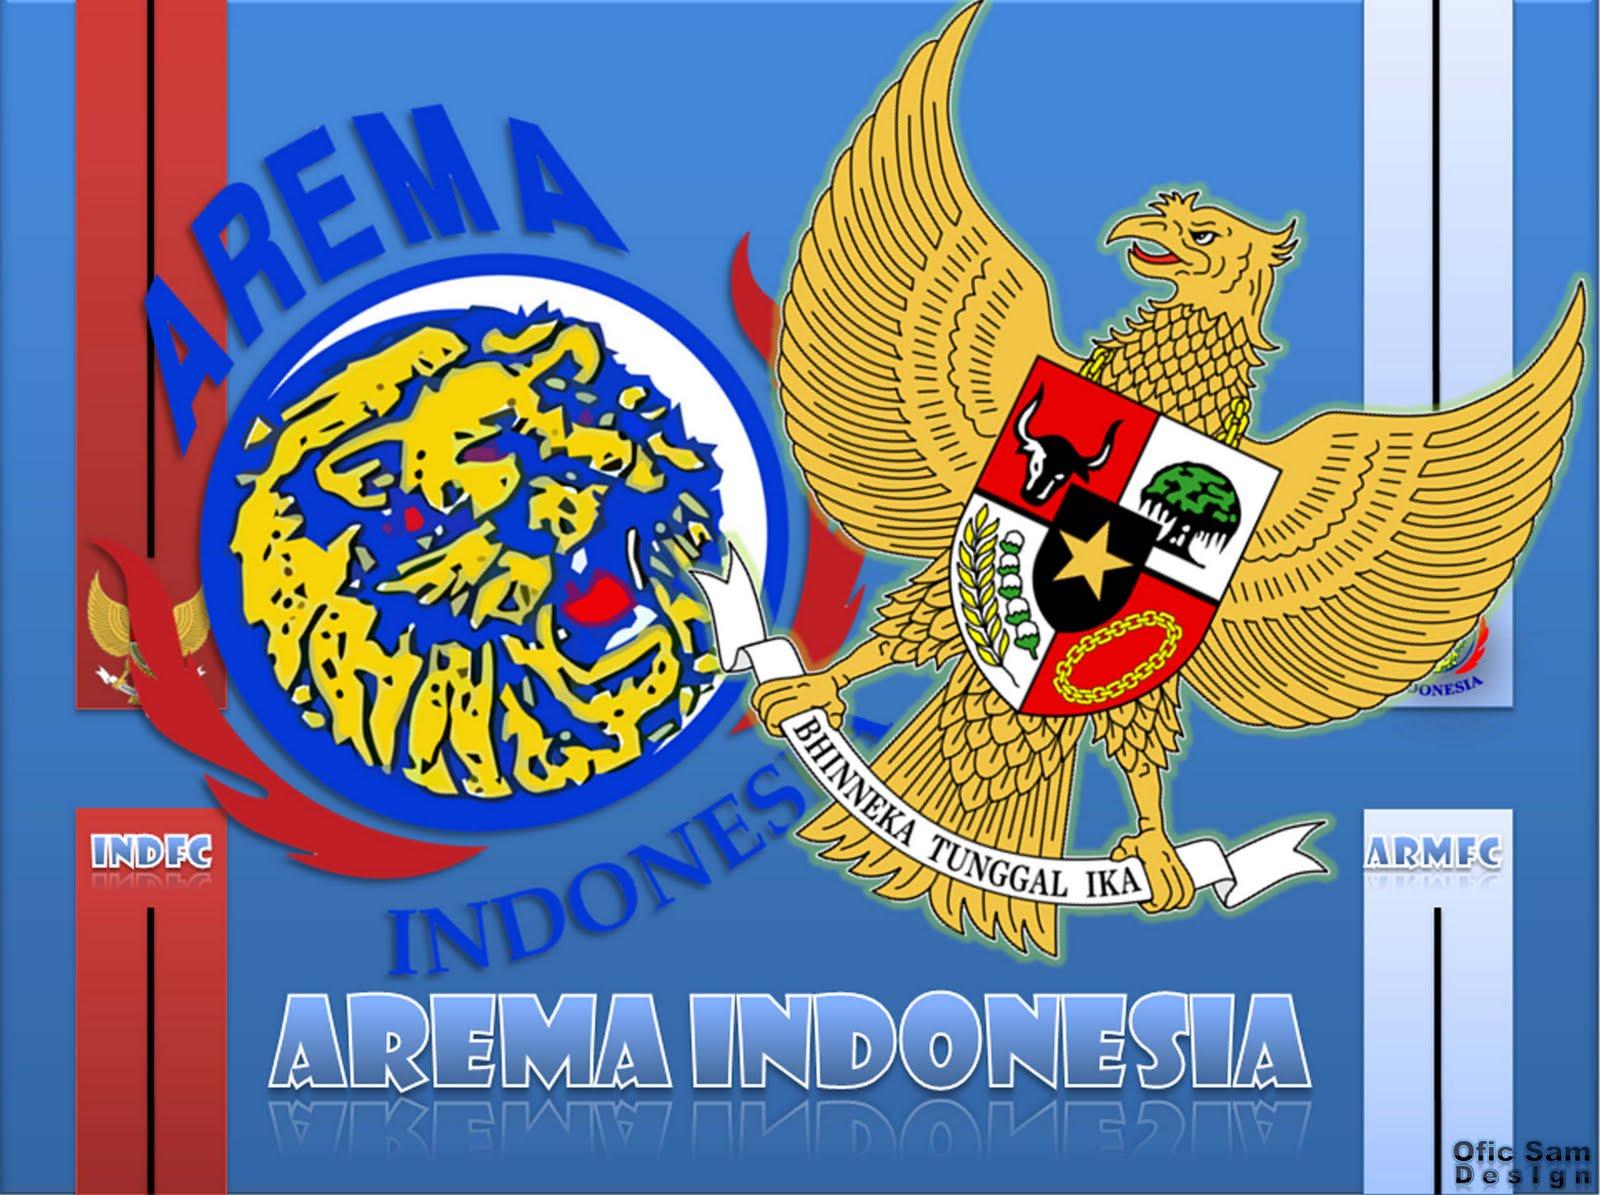 http://3.bp.blogspot.com/-9aQPk6dwNAQ/Tb-J5PKRKMI/AAAAAAAAAJw/4ZMVRJVaf24/s1600/wallpaper+arema+indonesia+mei+2011+by+ofic+sam+_boy_gassipers@yahoo.co.id+%289%29.jpg